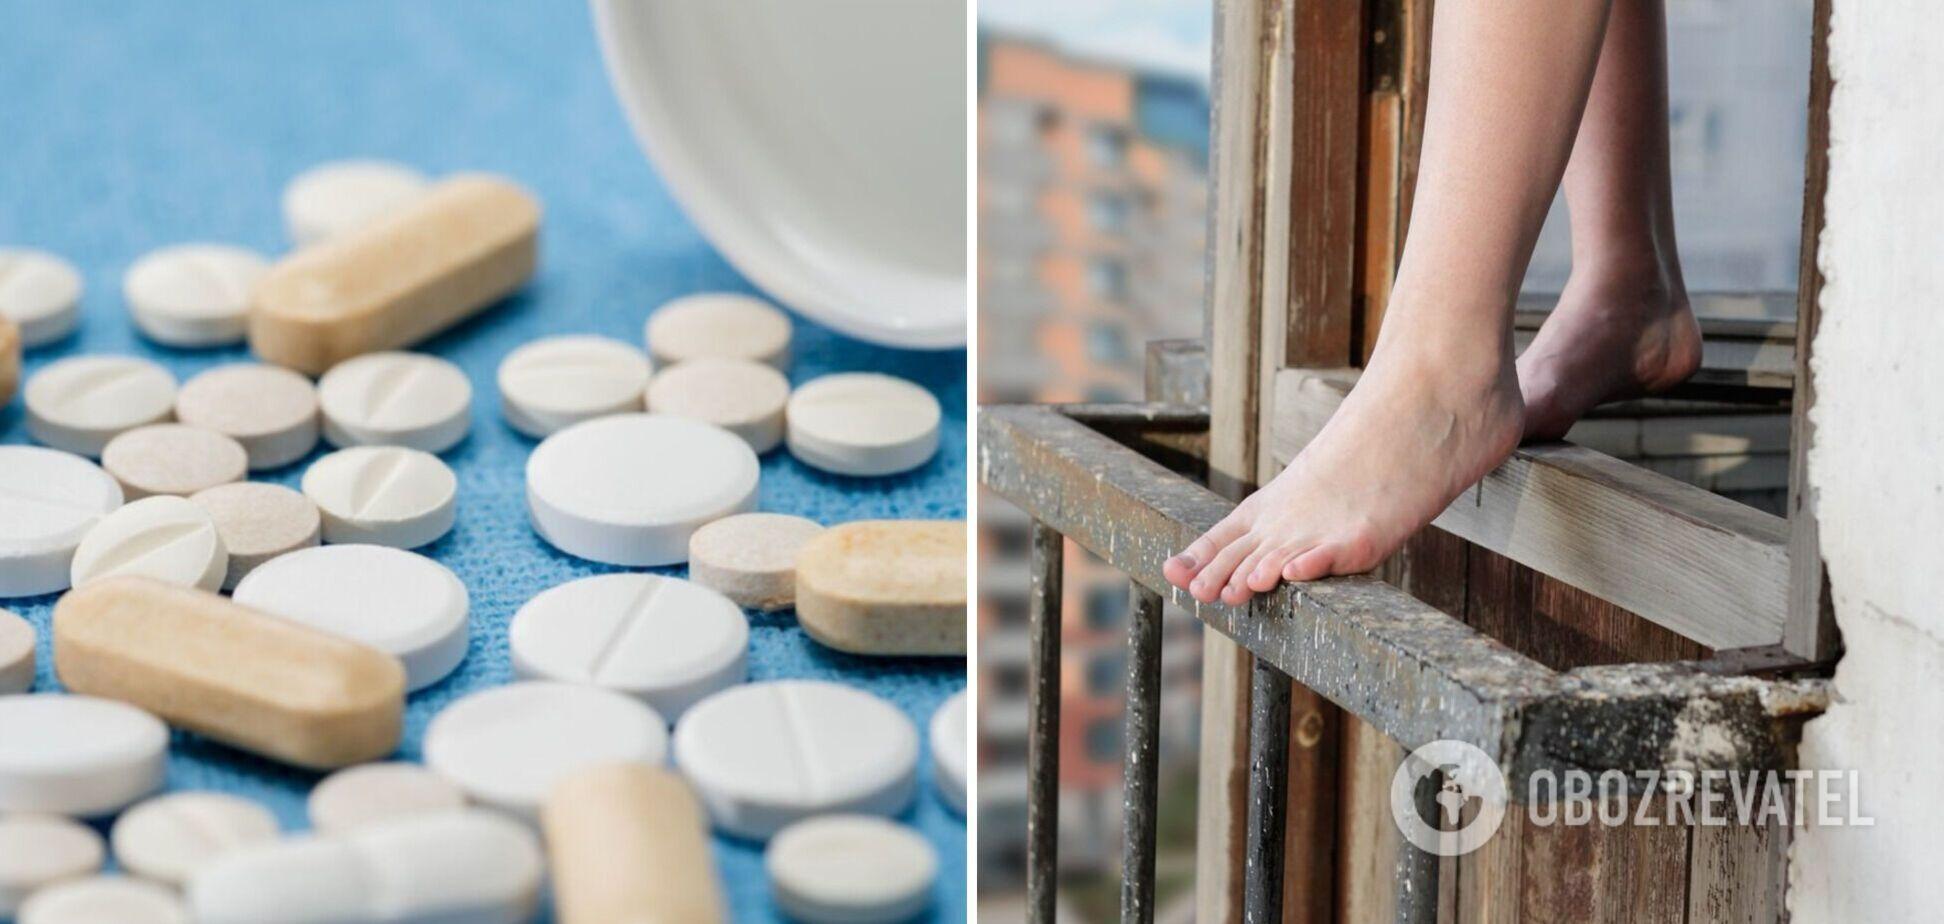 У Запоріжжі жінка напилася таблеток і викинулася з вікна: названо ймовірну причину трагедії